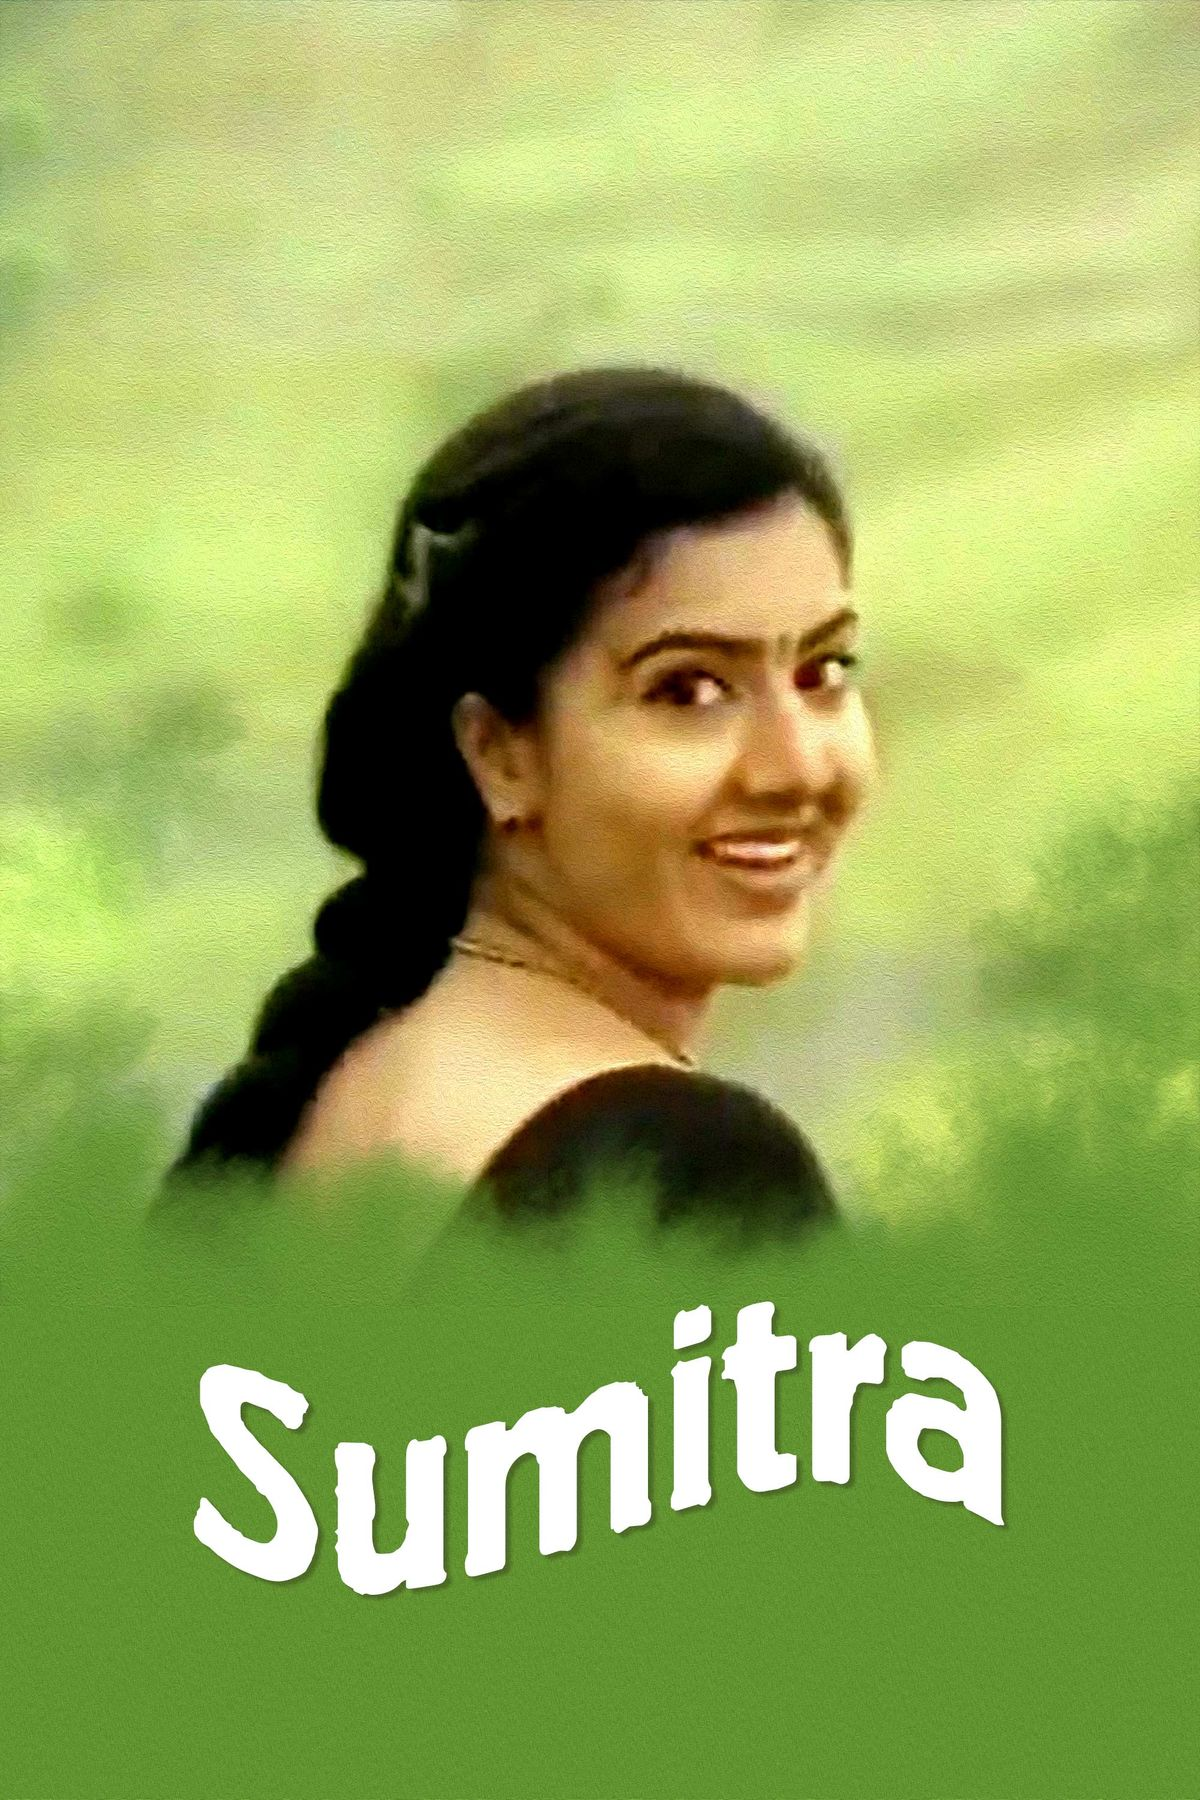 Sumithra